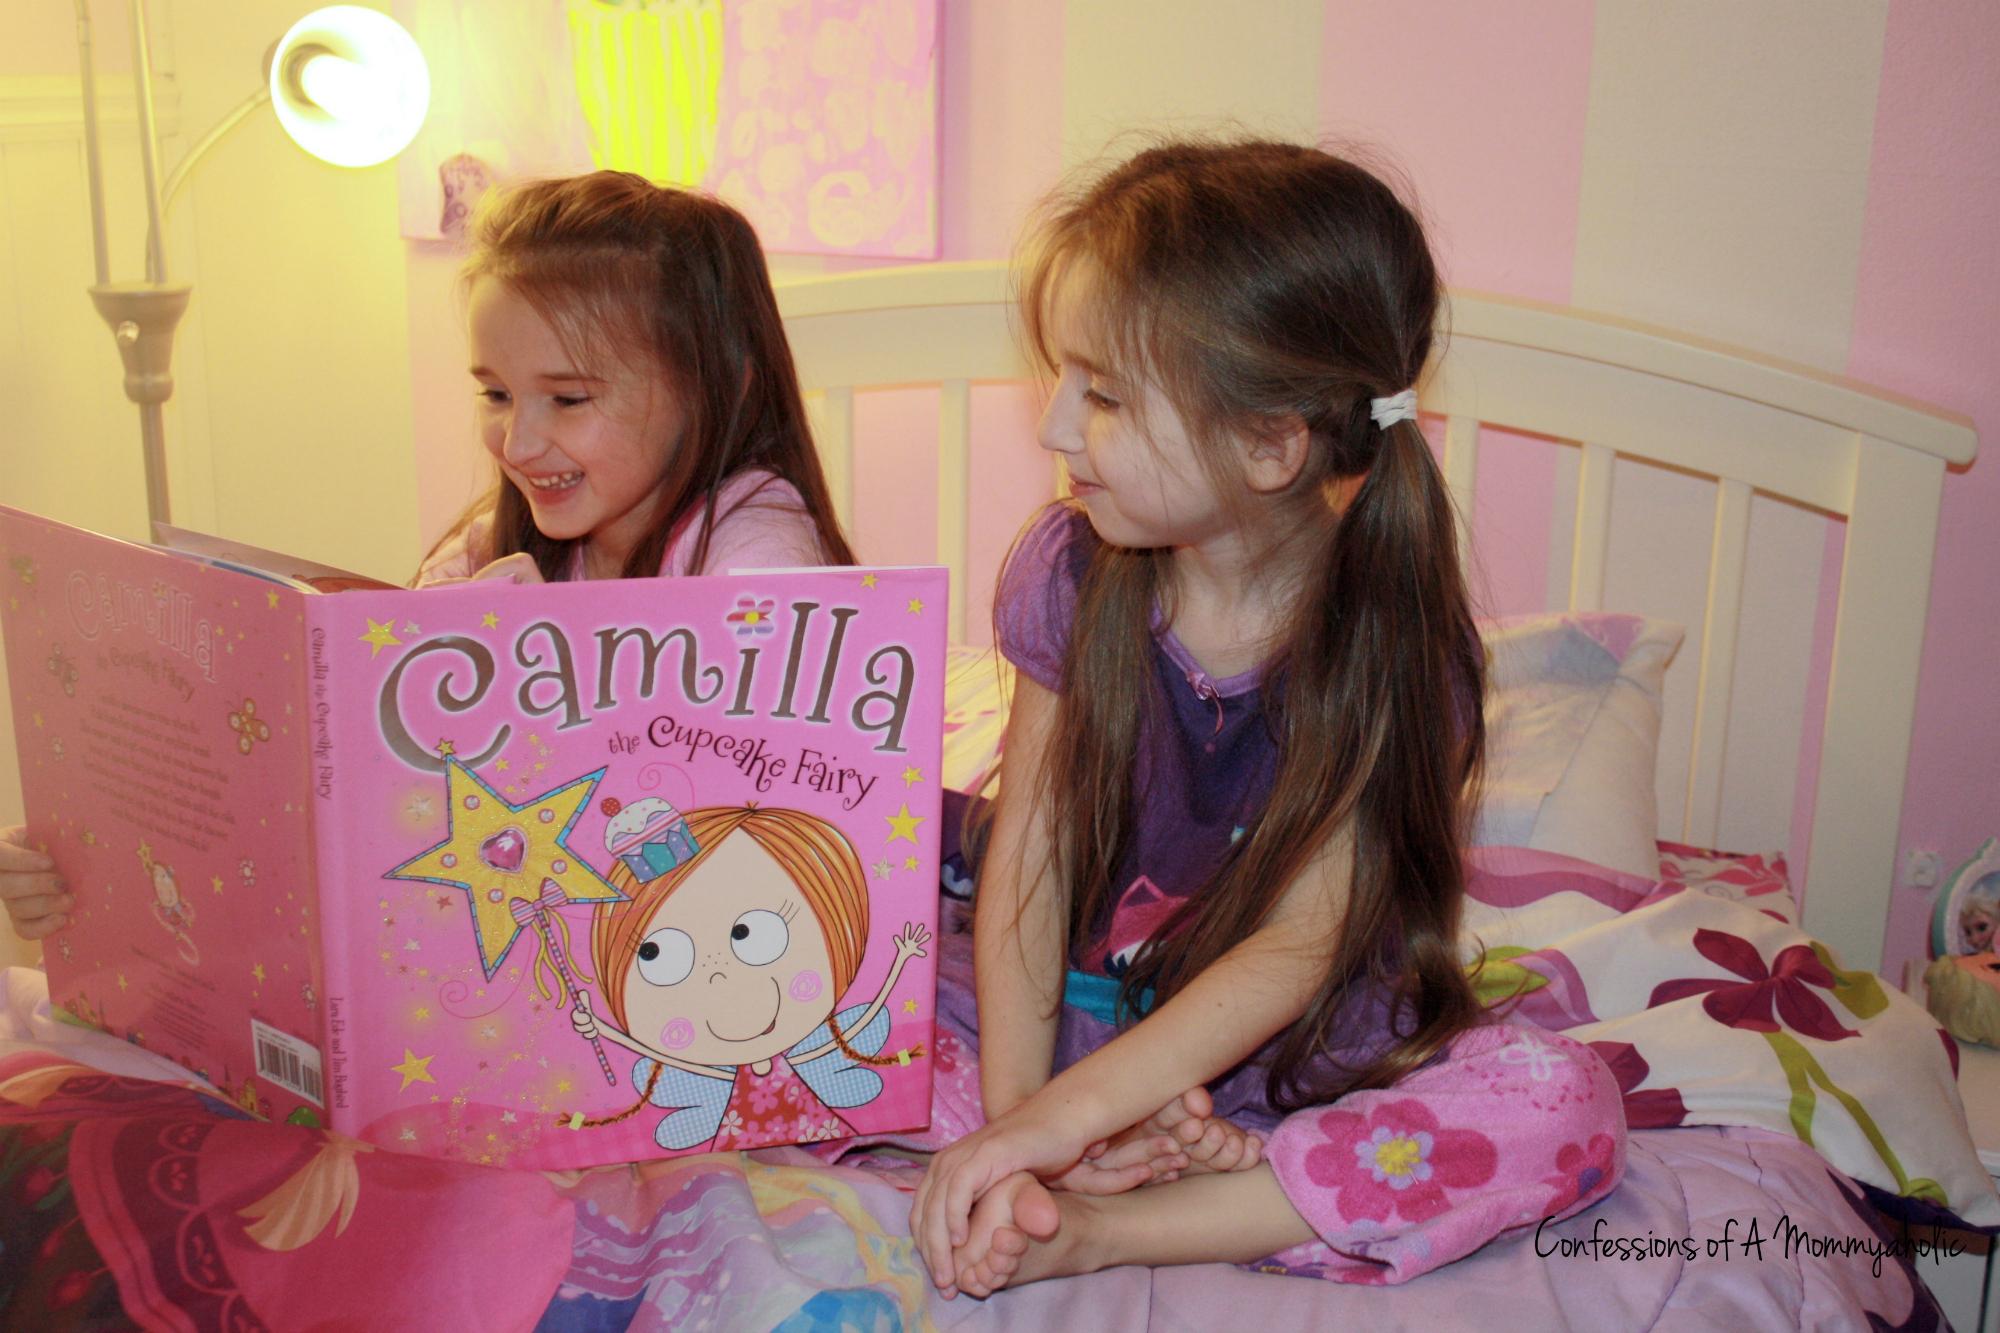 Even More Reading BookBugs Camilla the Cupcake Fairy